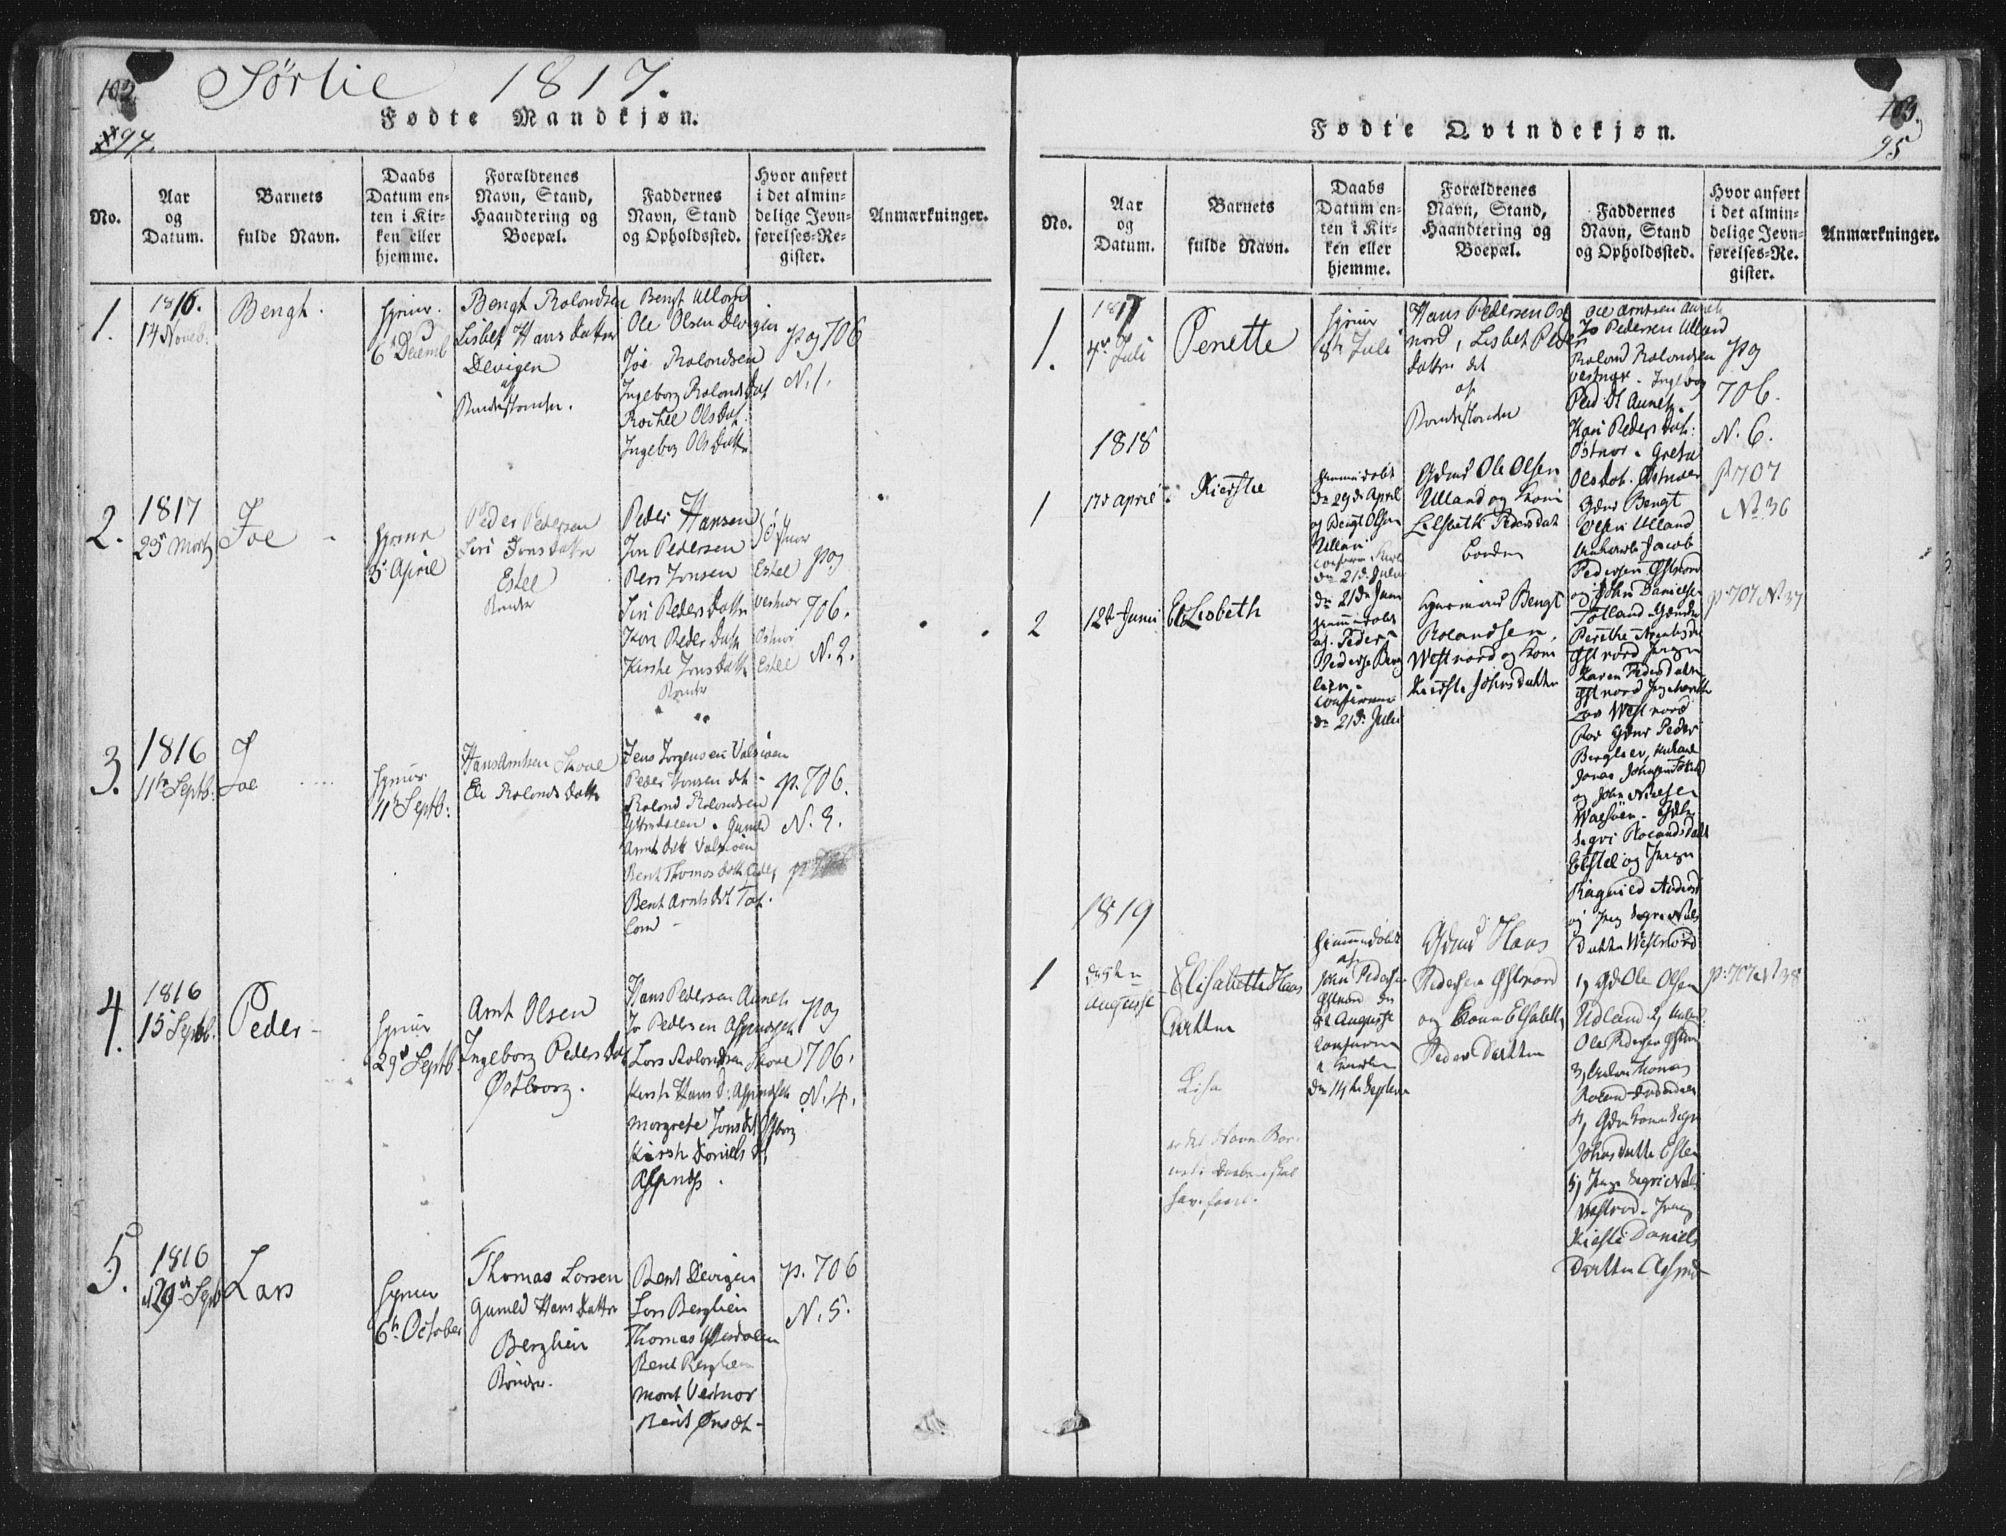 SAT, Ministerialprotokoller, klokkerbøker og fødselsregistre - Nord-Trøndelag, 755/L0491: Ministerialbok nr. 755A01 /2, 1817-1864, s. 94-95